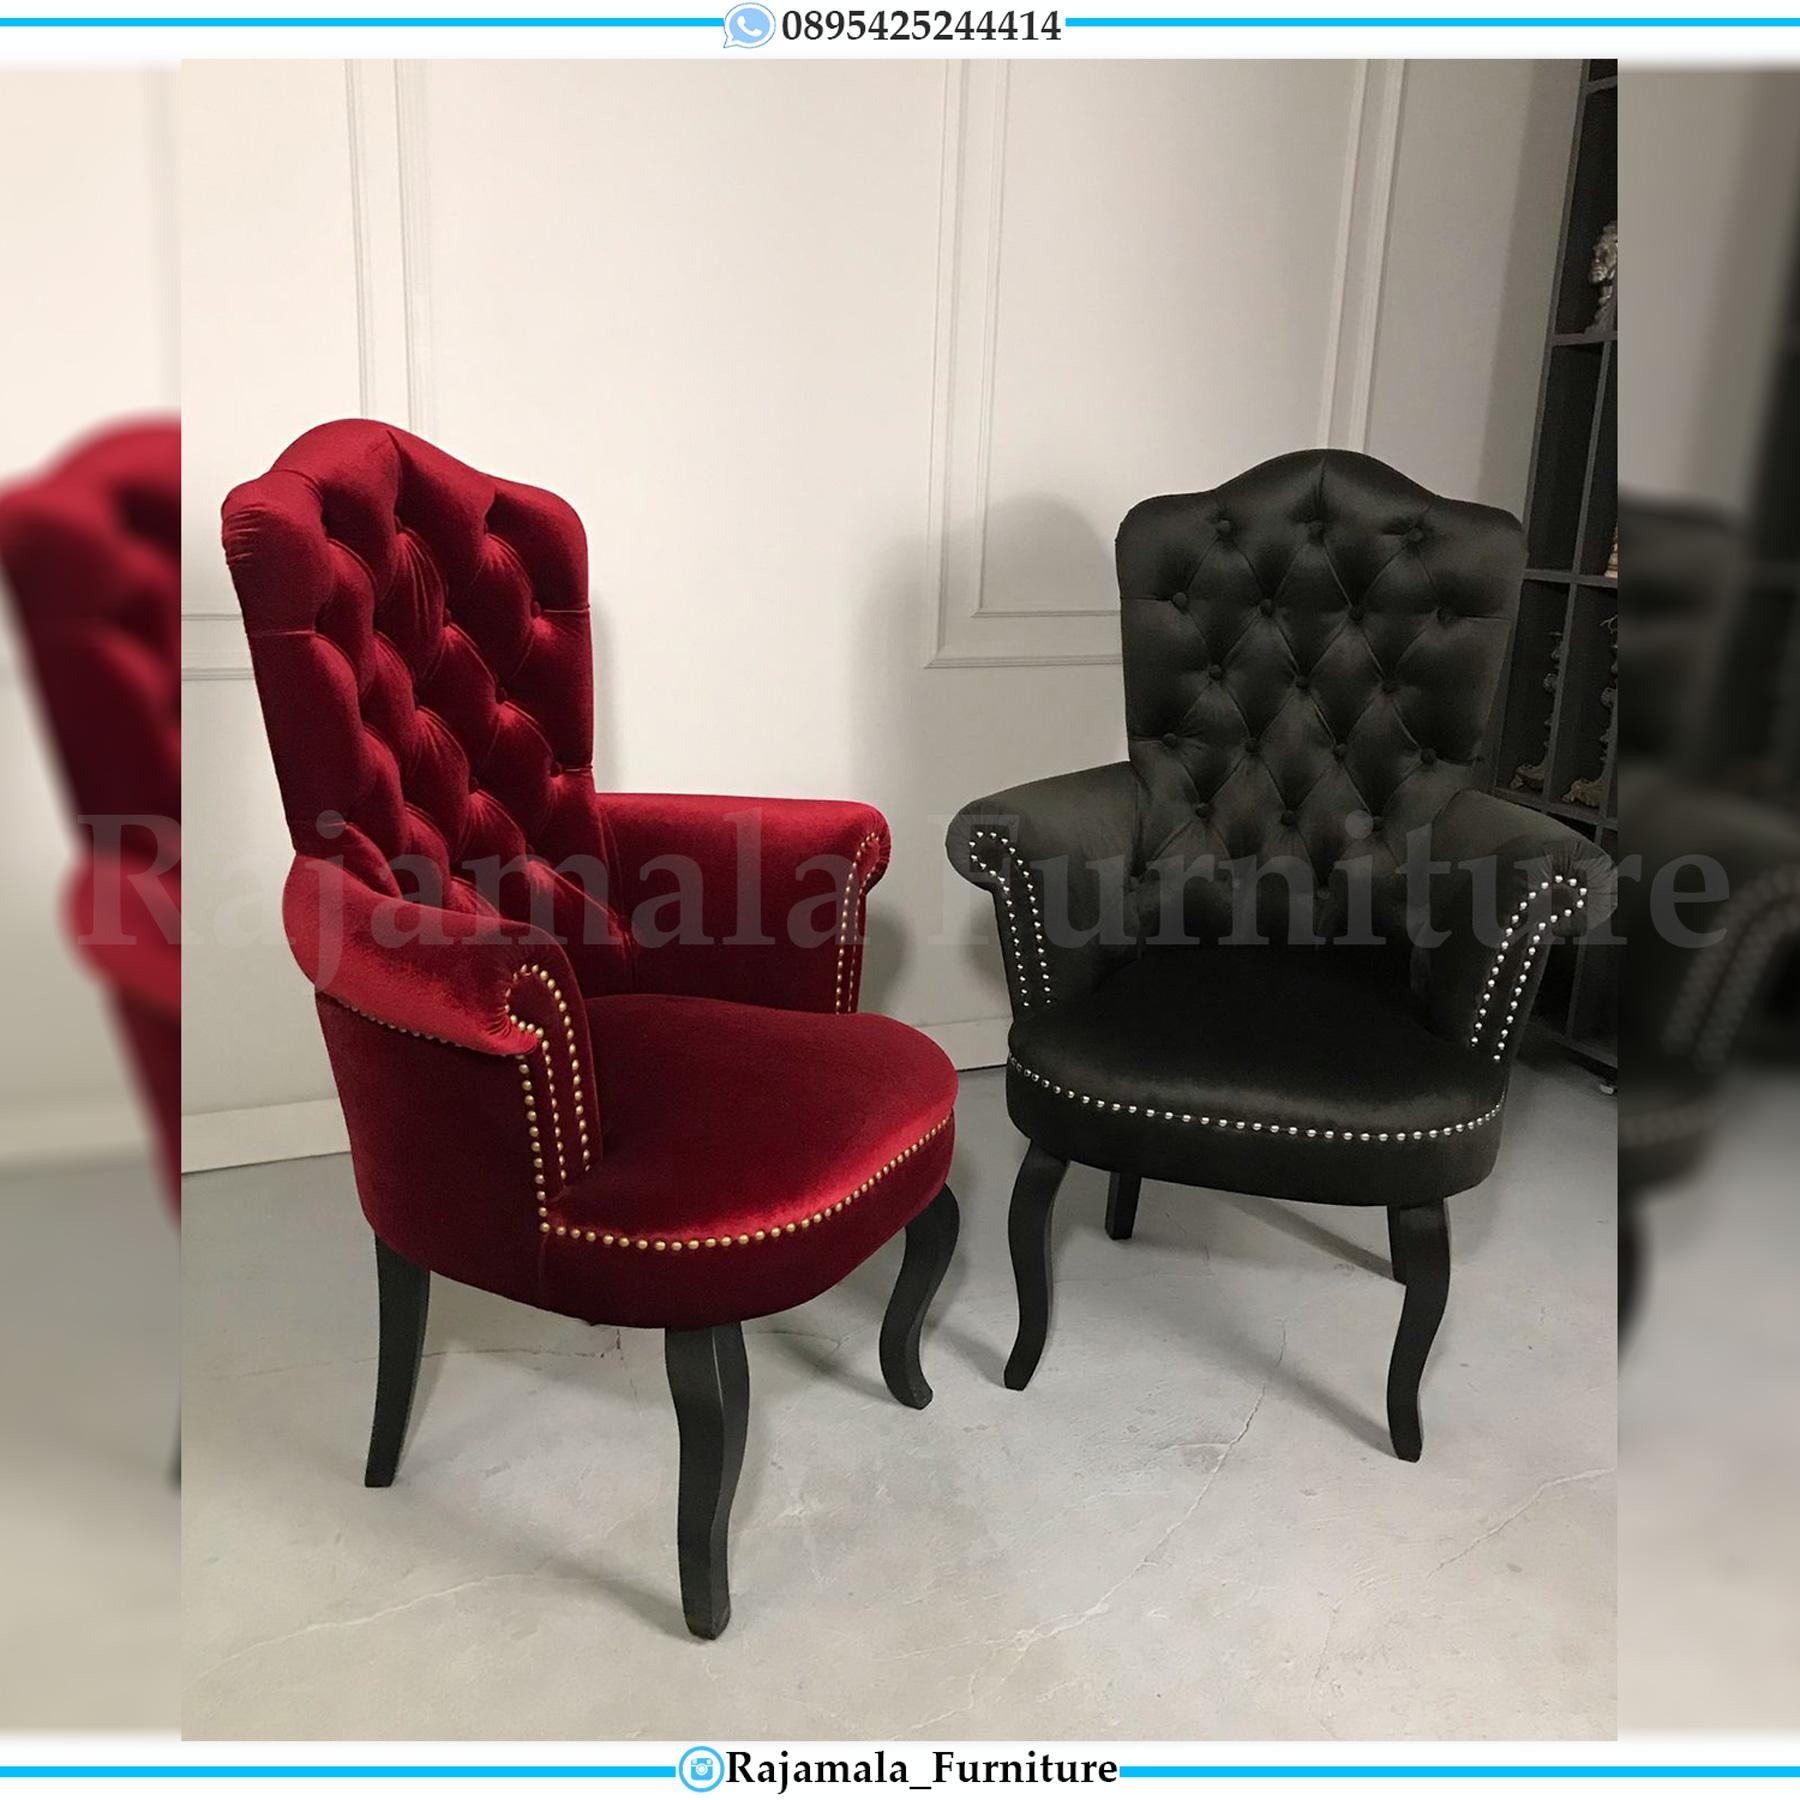 Harga Kursi Teras Santai Cantik Design Beauty Inspiring RM-0024